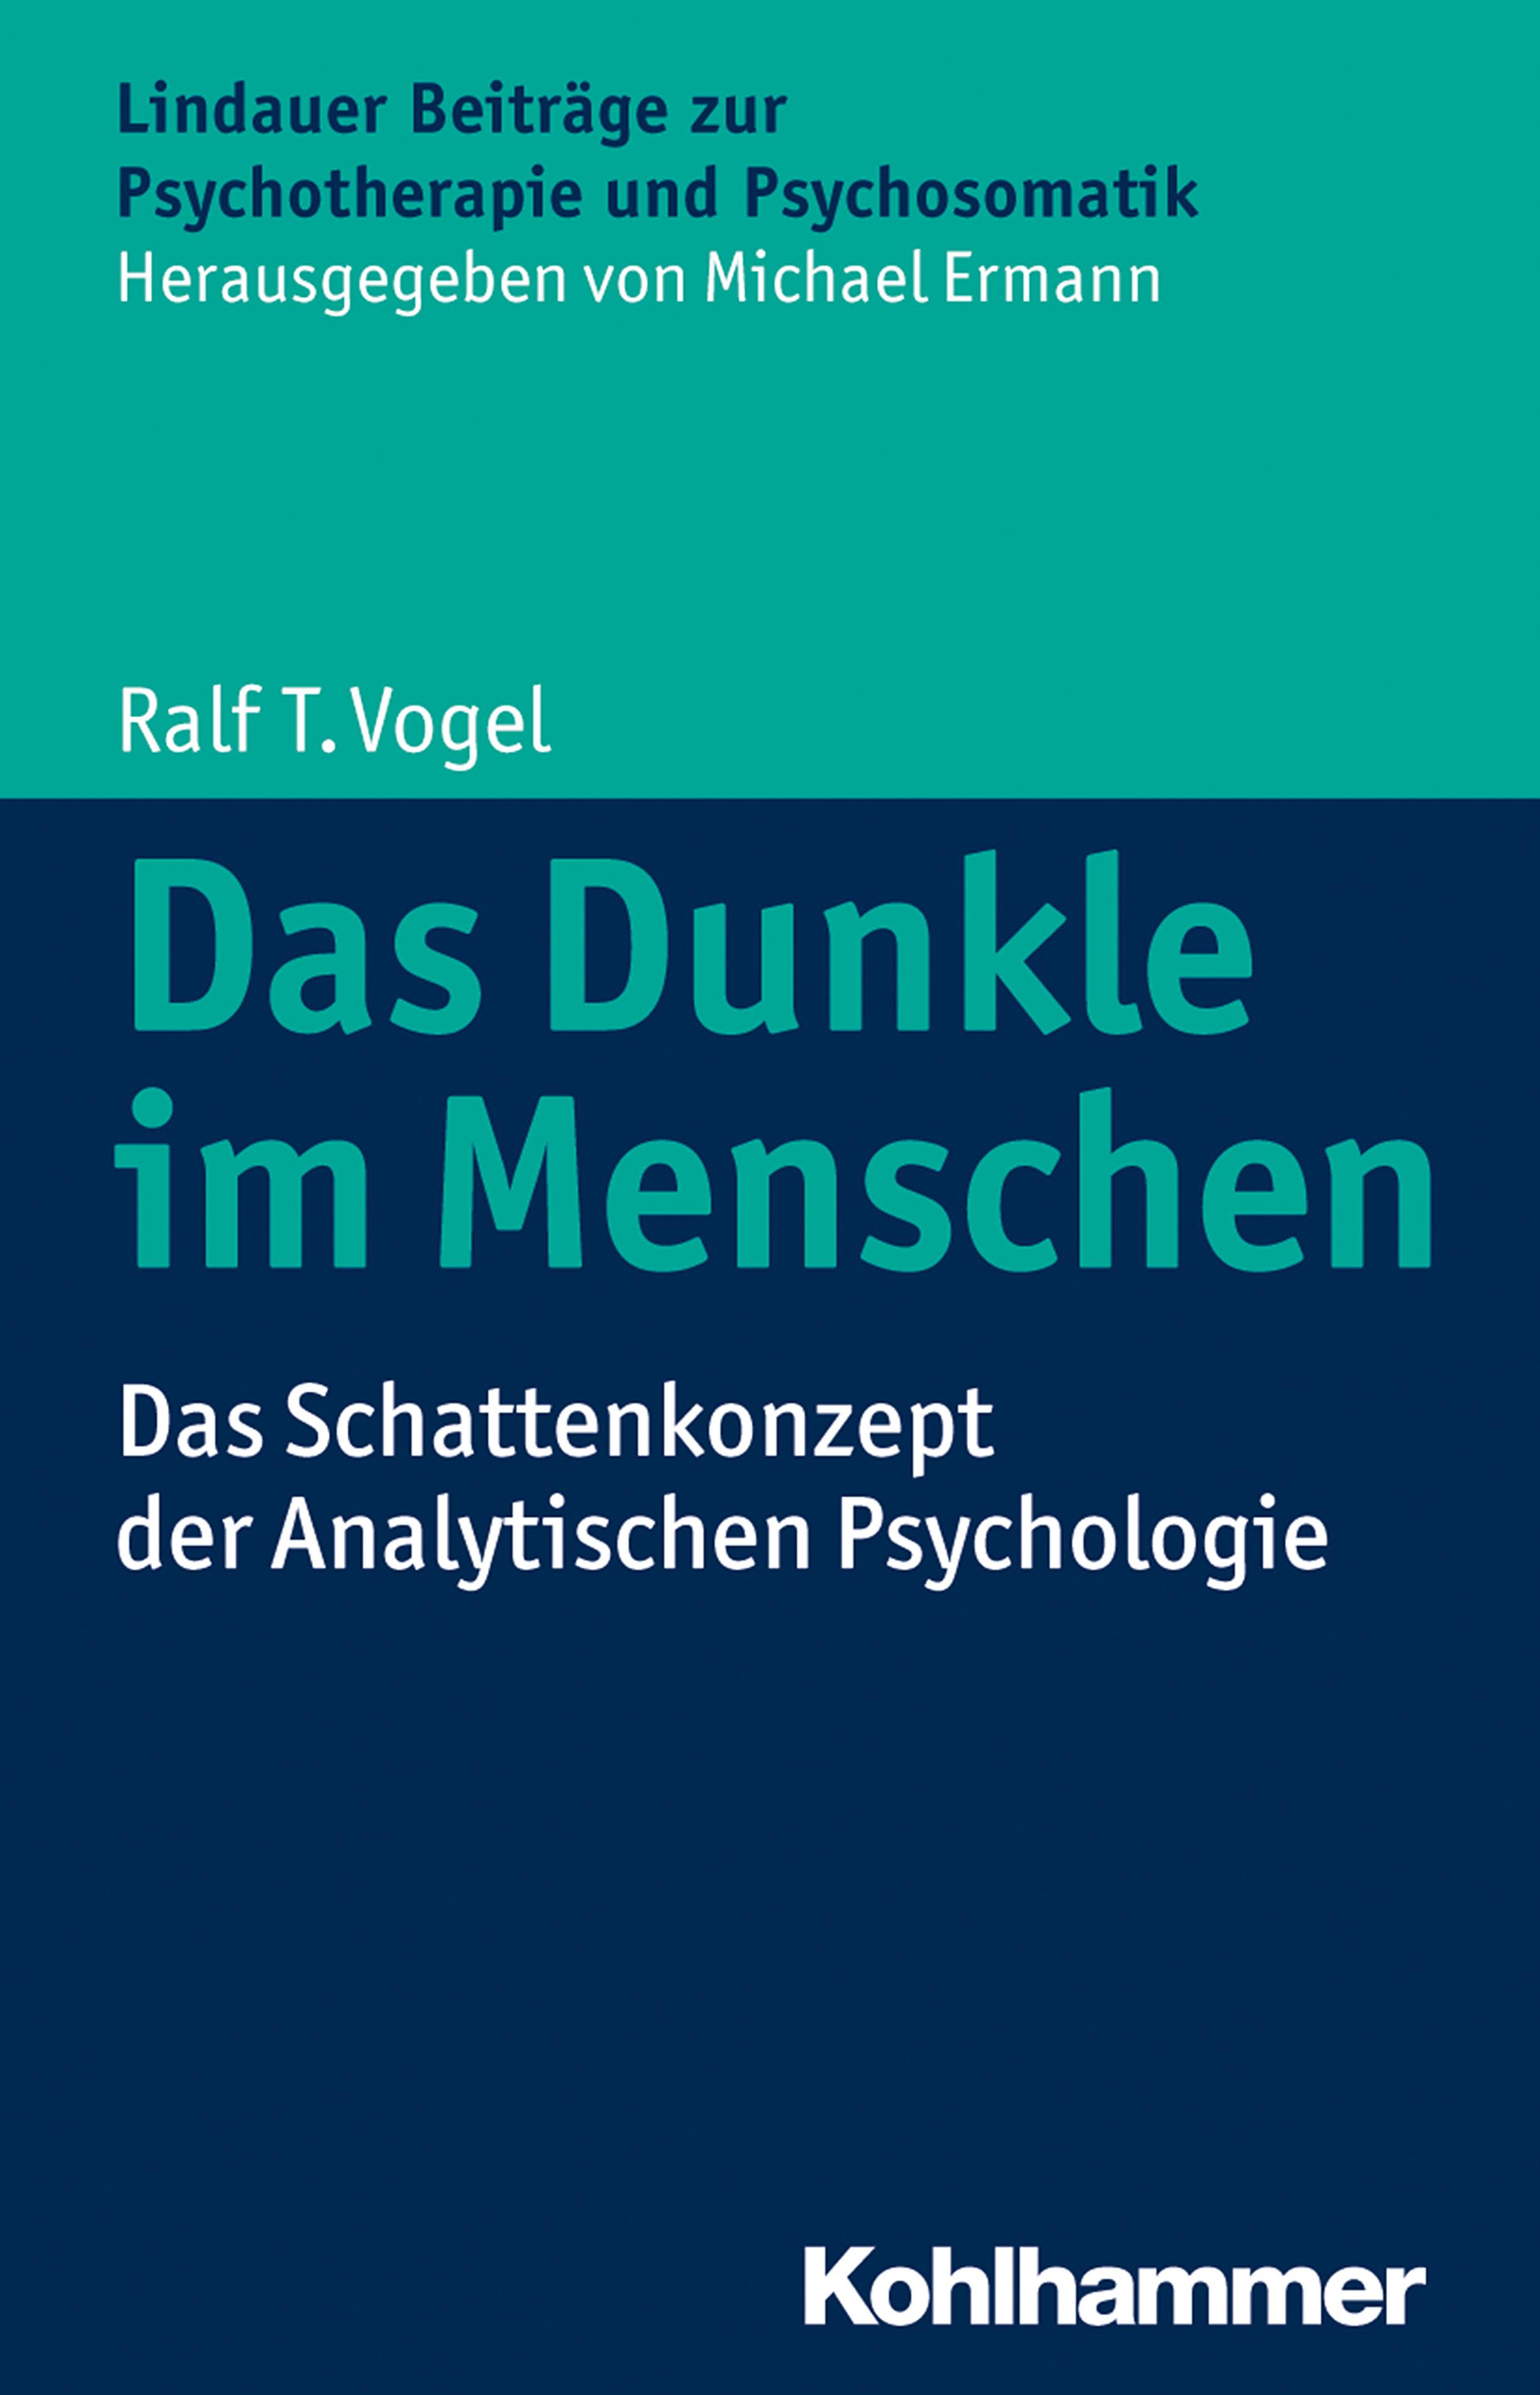 Ralf T. Vogel Das Dunkle im Menschen william howes geheime krafte im menschen